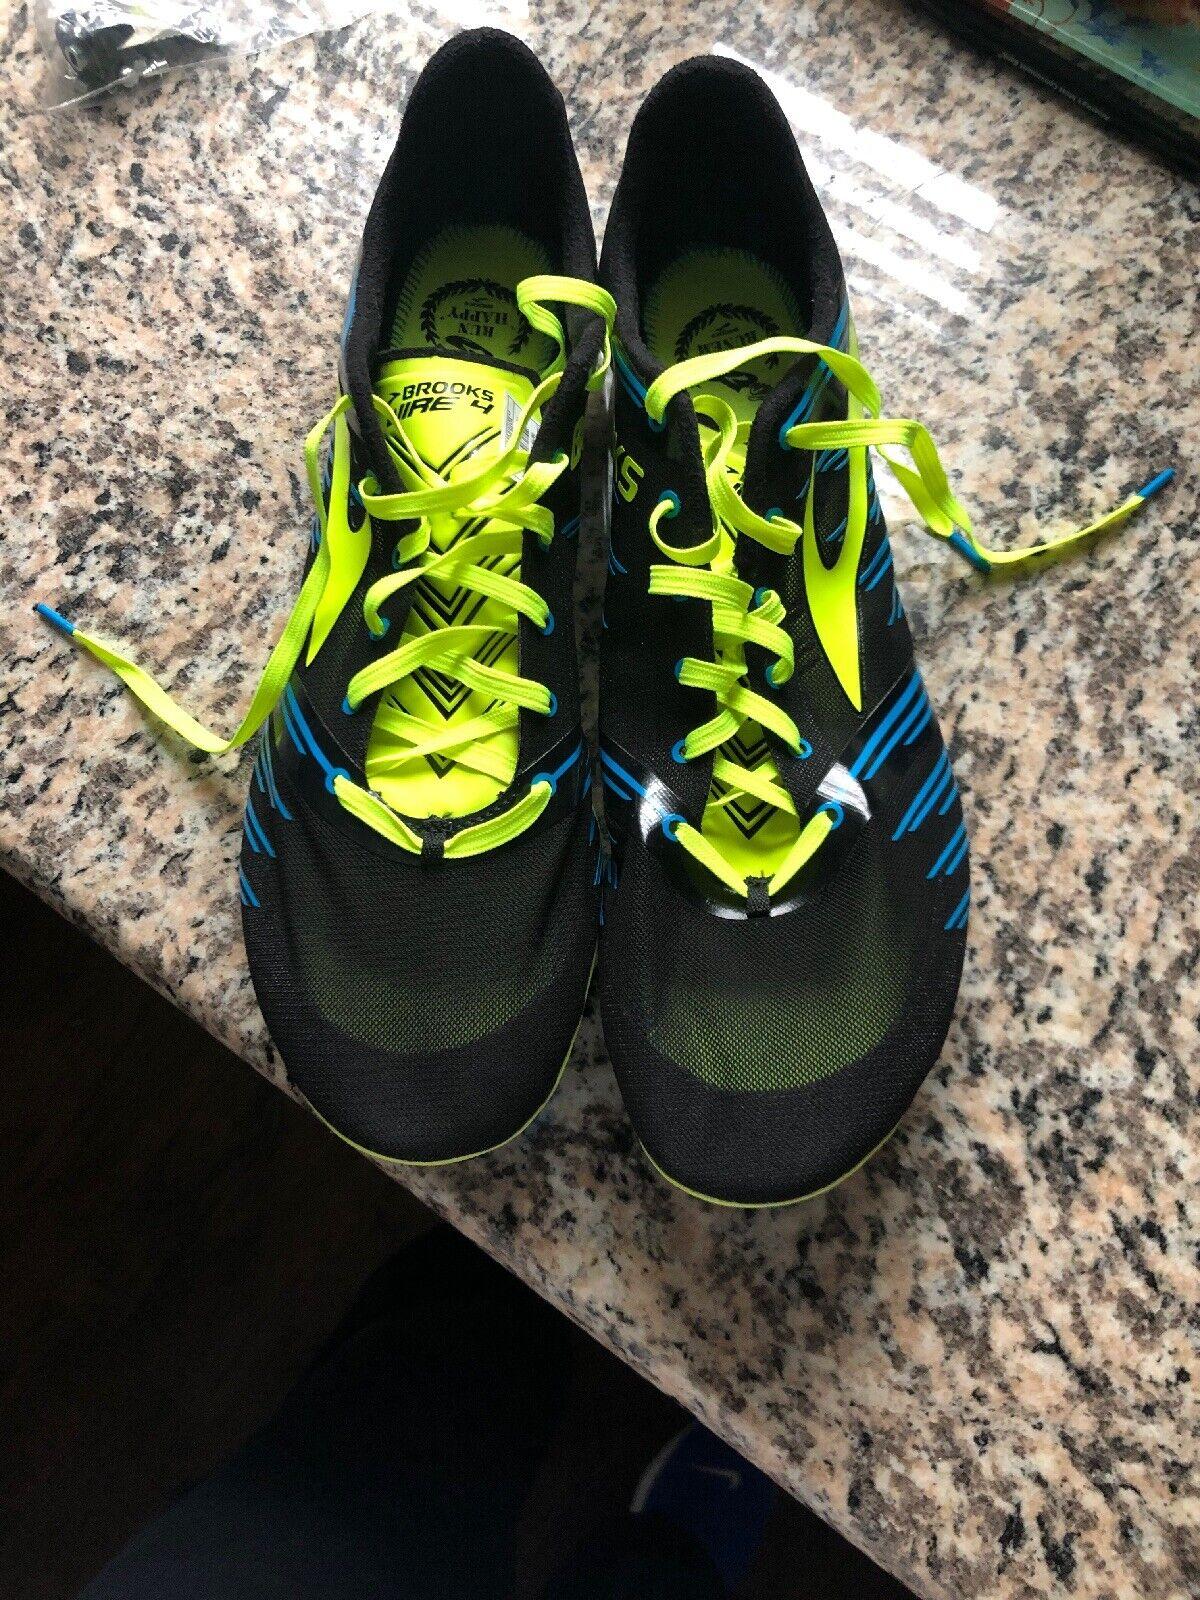 Brooks Track Tamaño del zapato 15 Colors muy fresco.